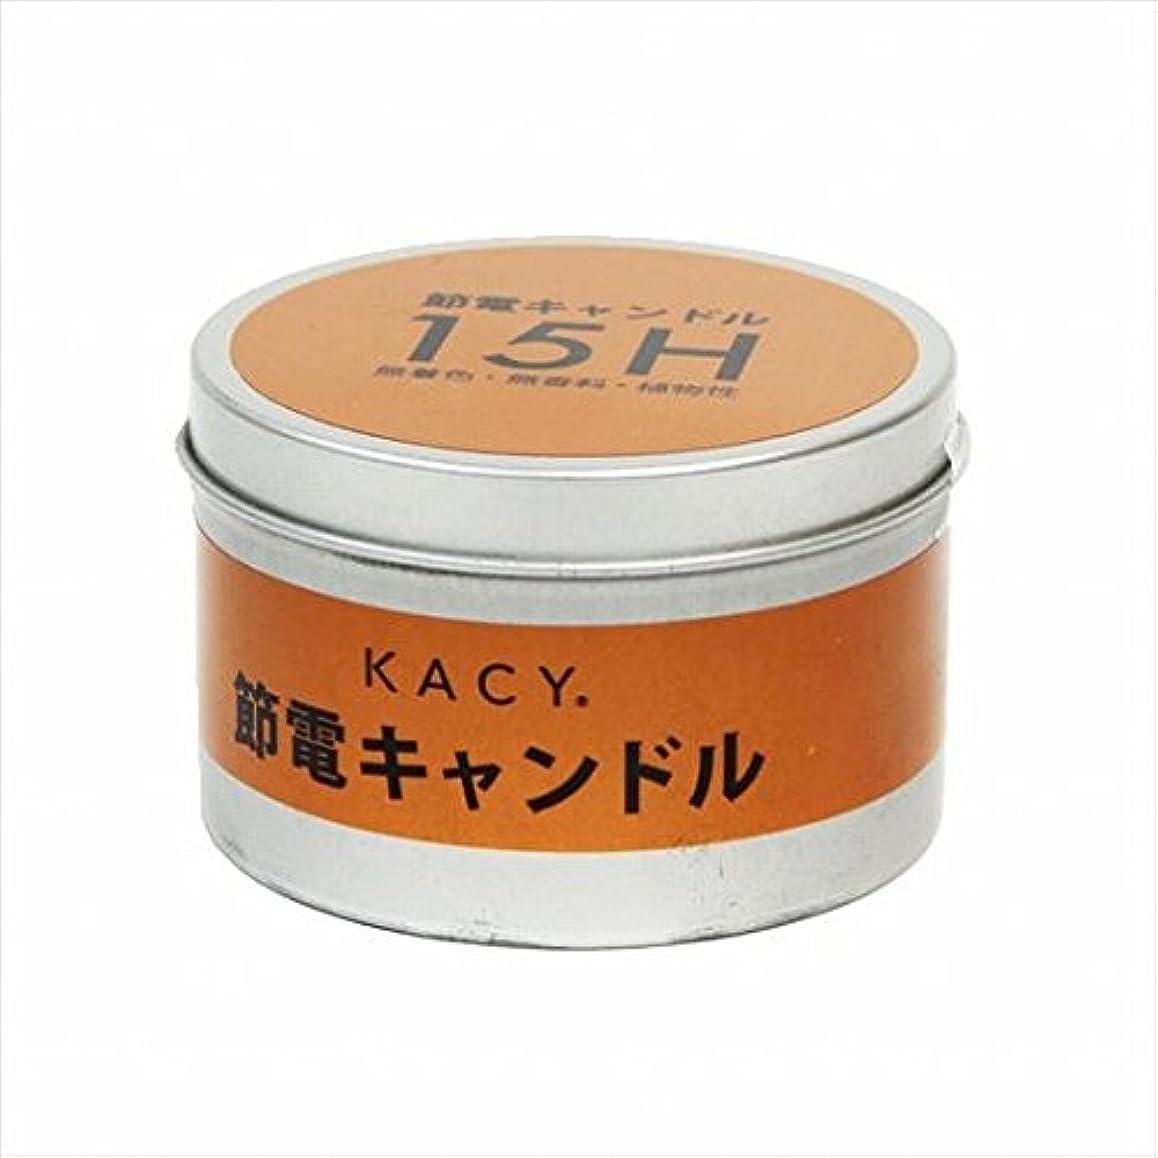 準備影響を受けやすいです欠席カメヤマキャンドル(kameyama candle) 節電缶キャンドル15時間タイプ